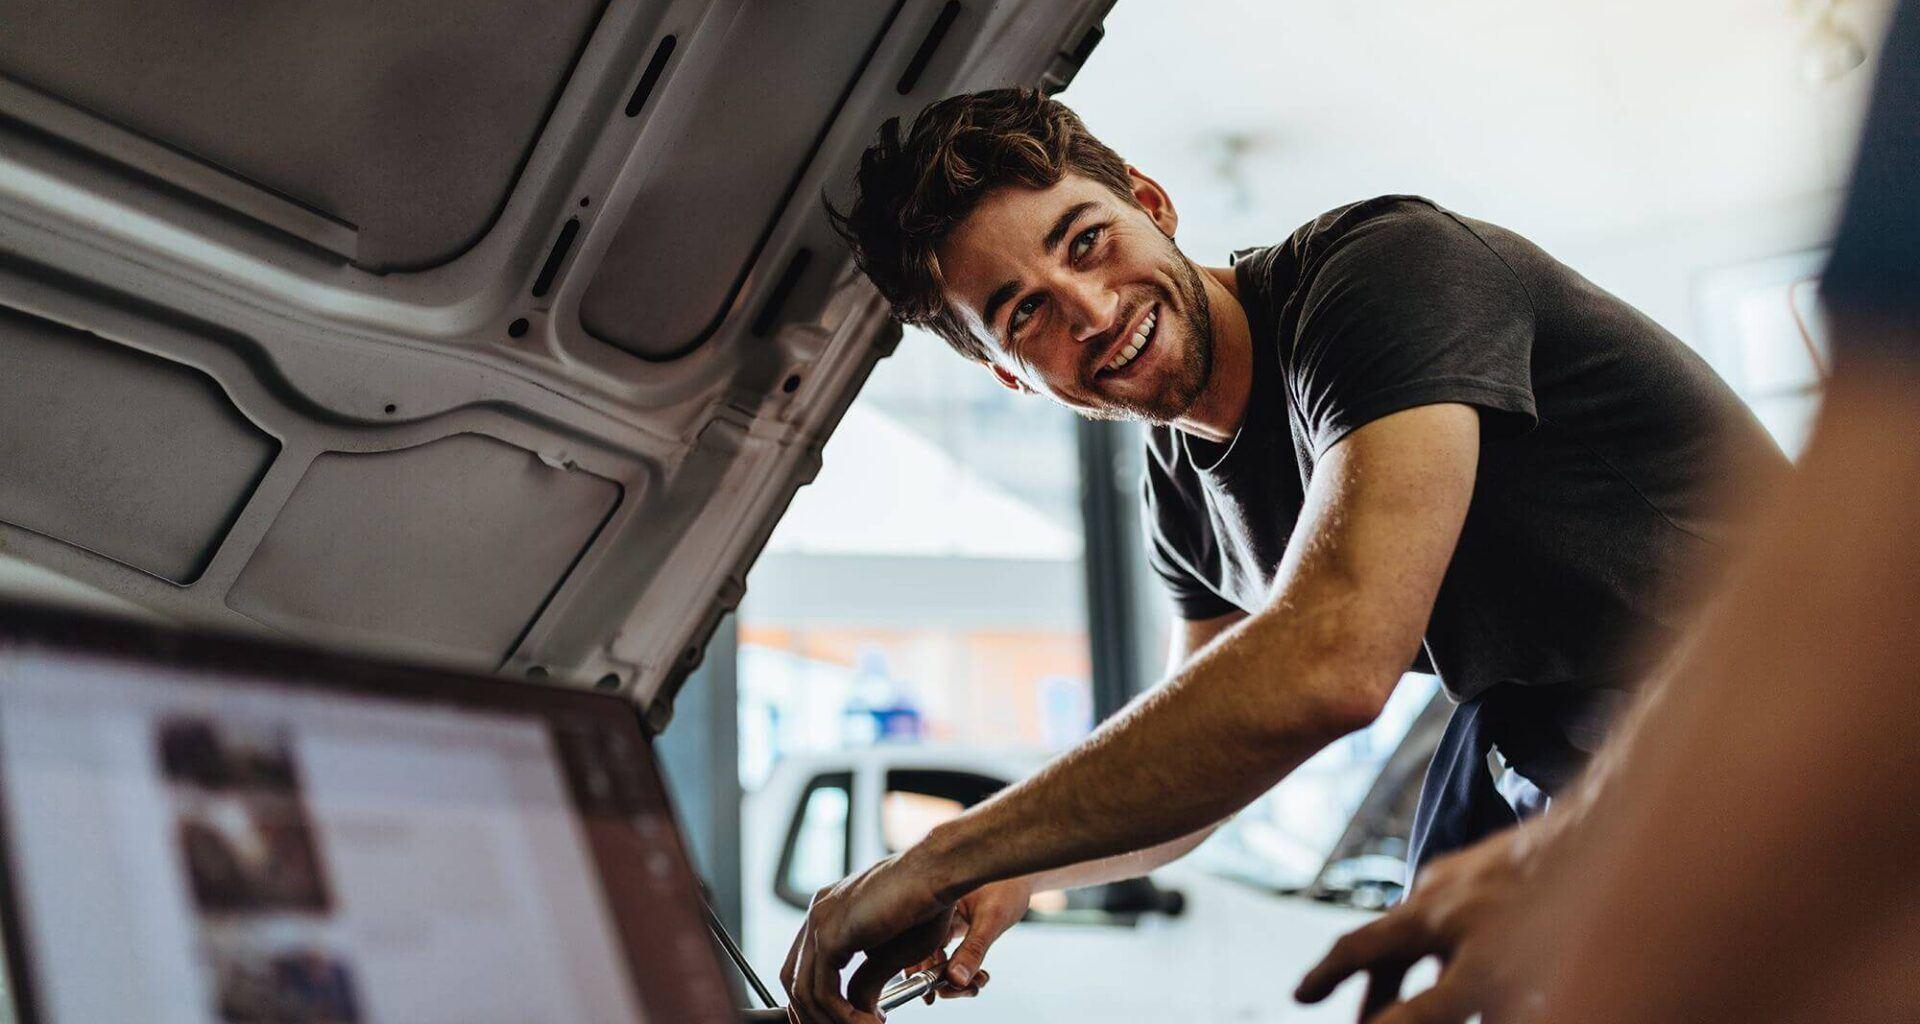 Manutenção de carros preventiva: o guia completo